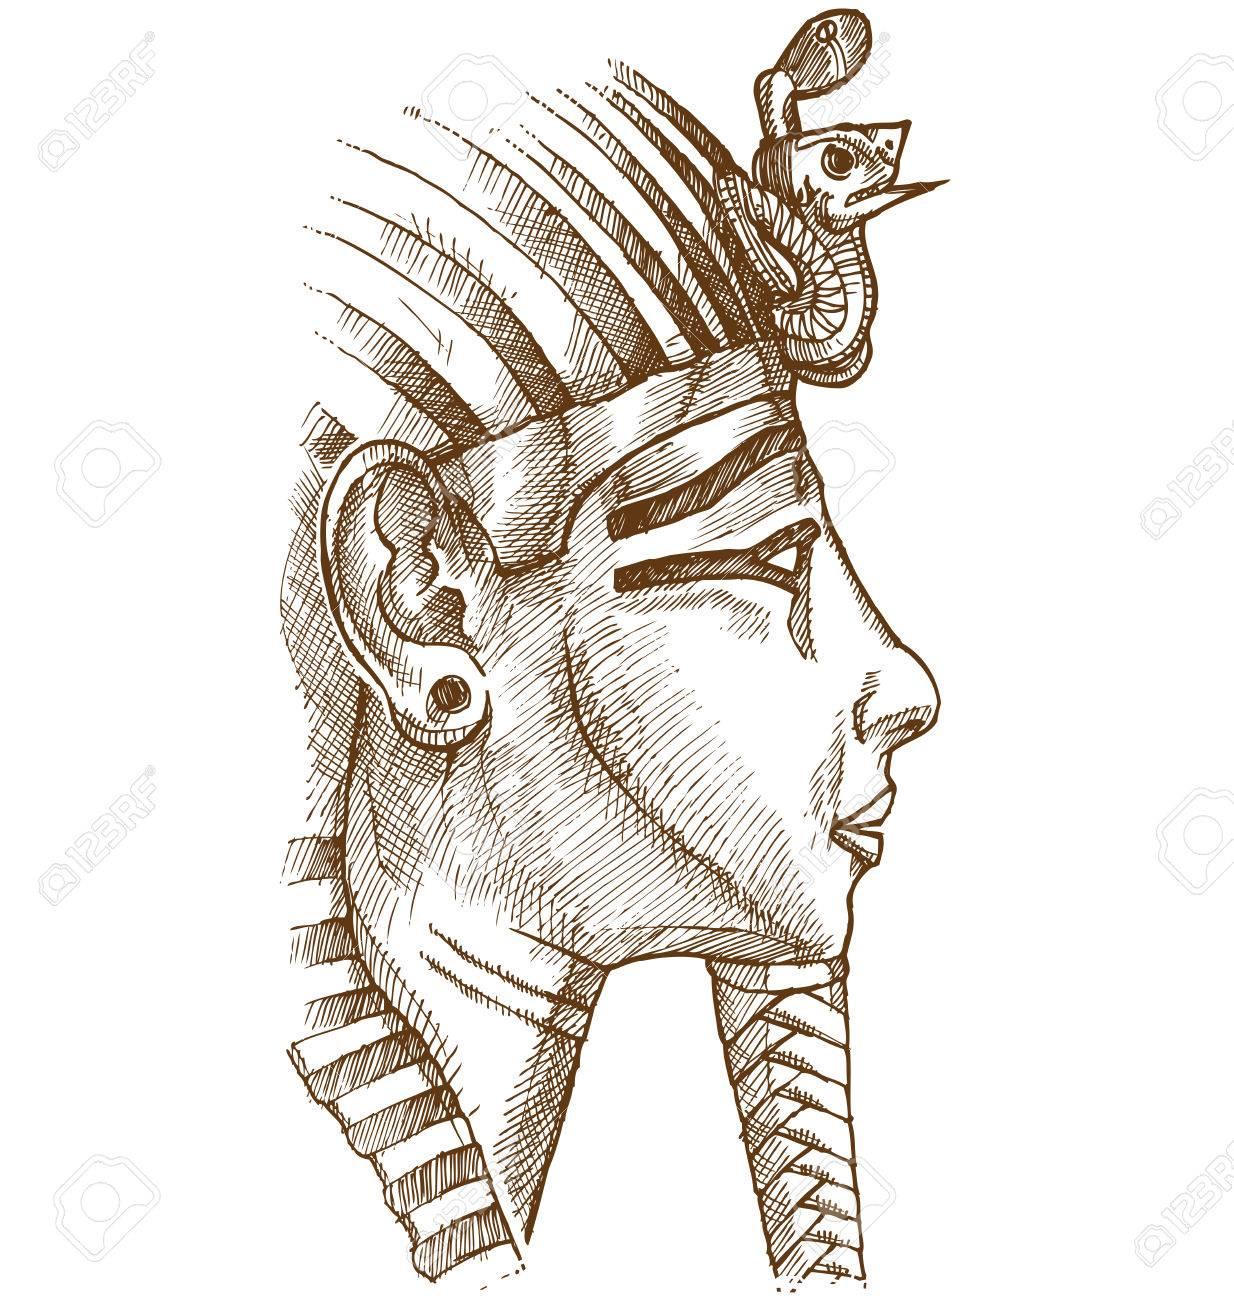 gold tutankhamon mask hand drawn - 60546389